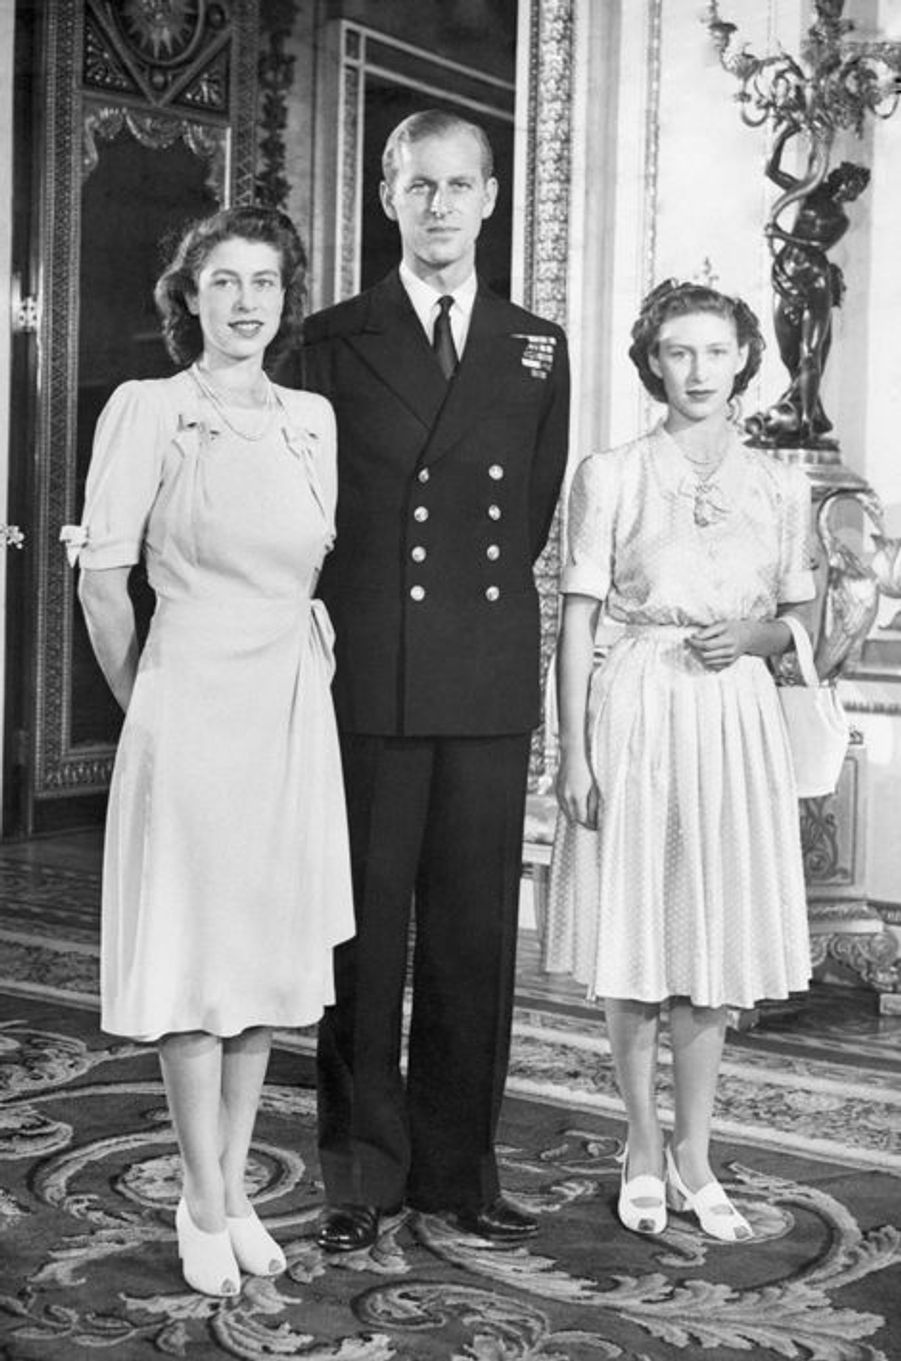 La princesse Elizabeth avec le prince Philip et la princesse Margaret, le 5 septembre 1947